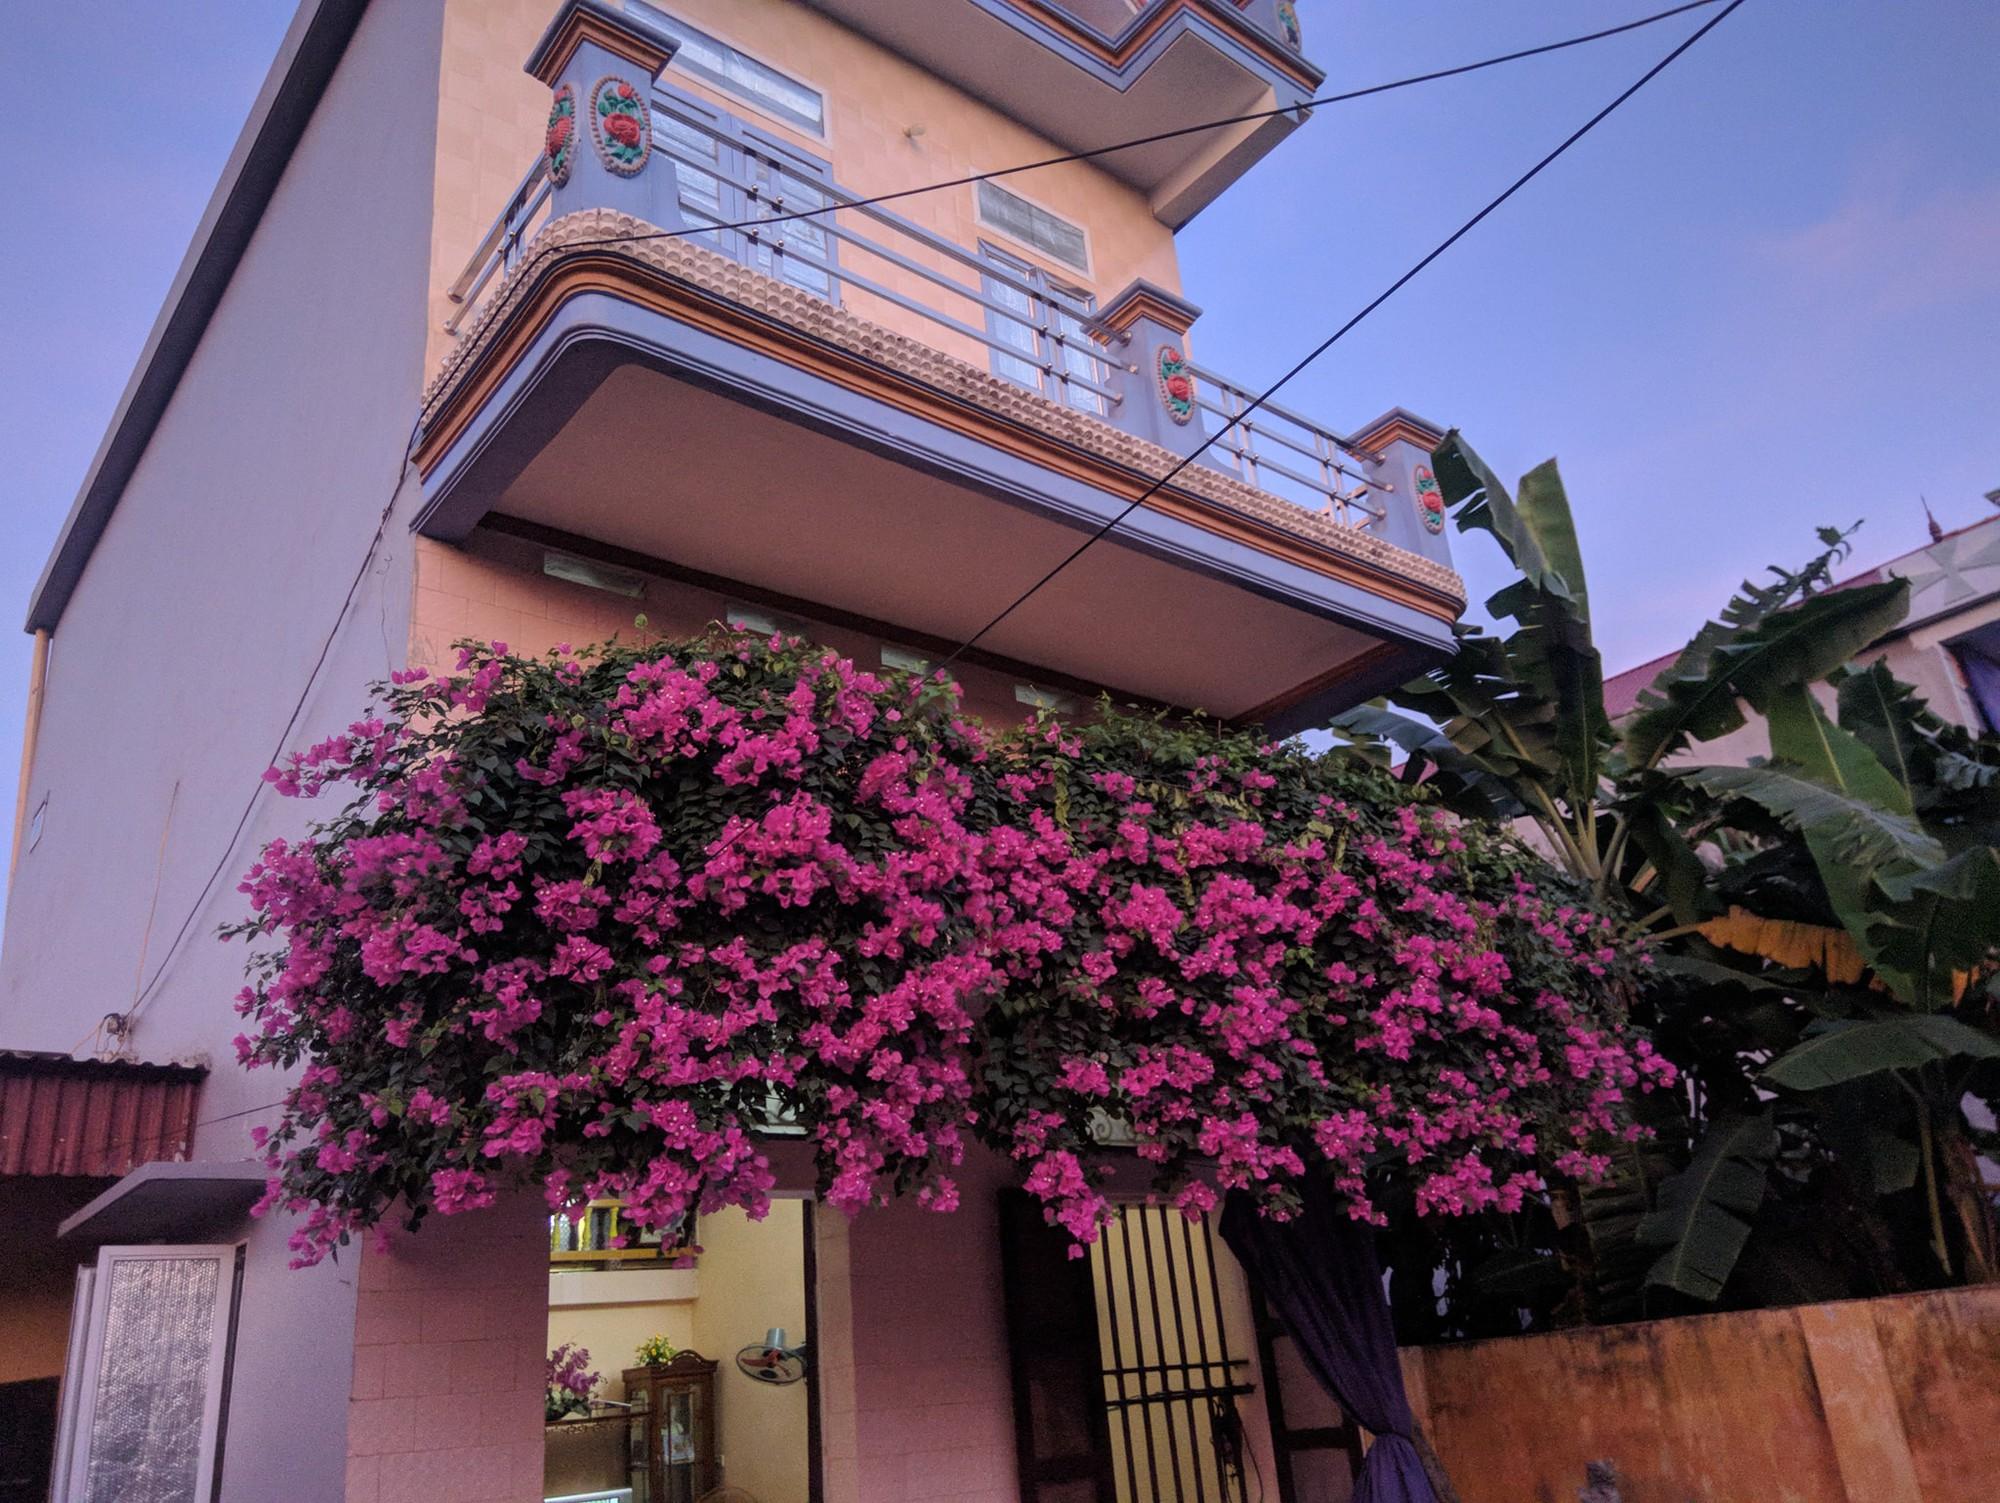 Thanh niên khoe căn nhà xinh có giàn hoa giấy 20 năm tuổi đẹp nức lòng cư dân mạng - Ảnh 3.